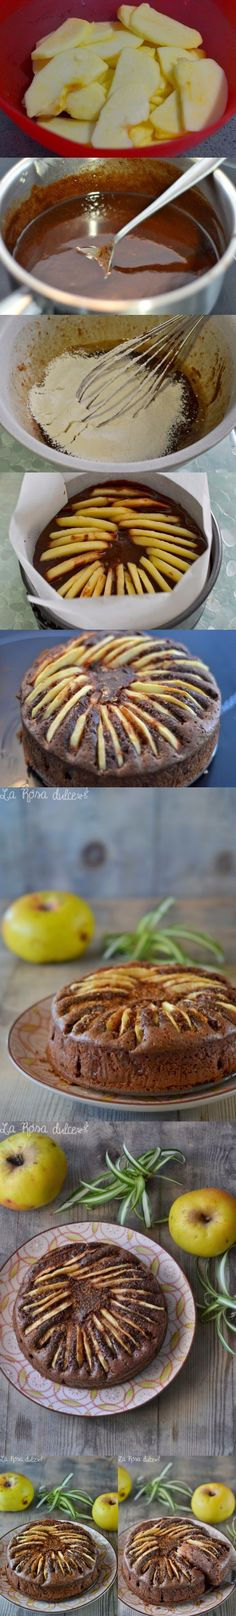 suena manzanas fritas con recetas de canela para la diabetes